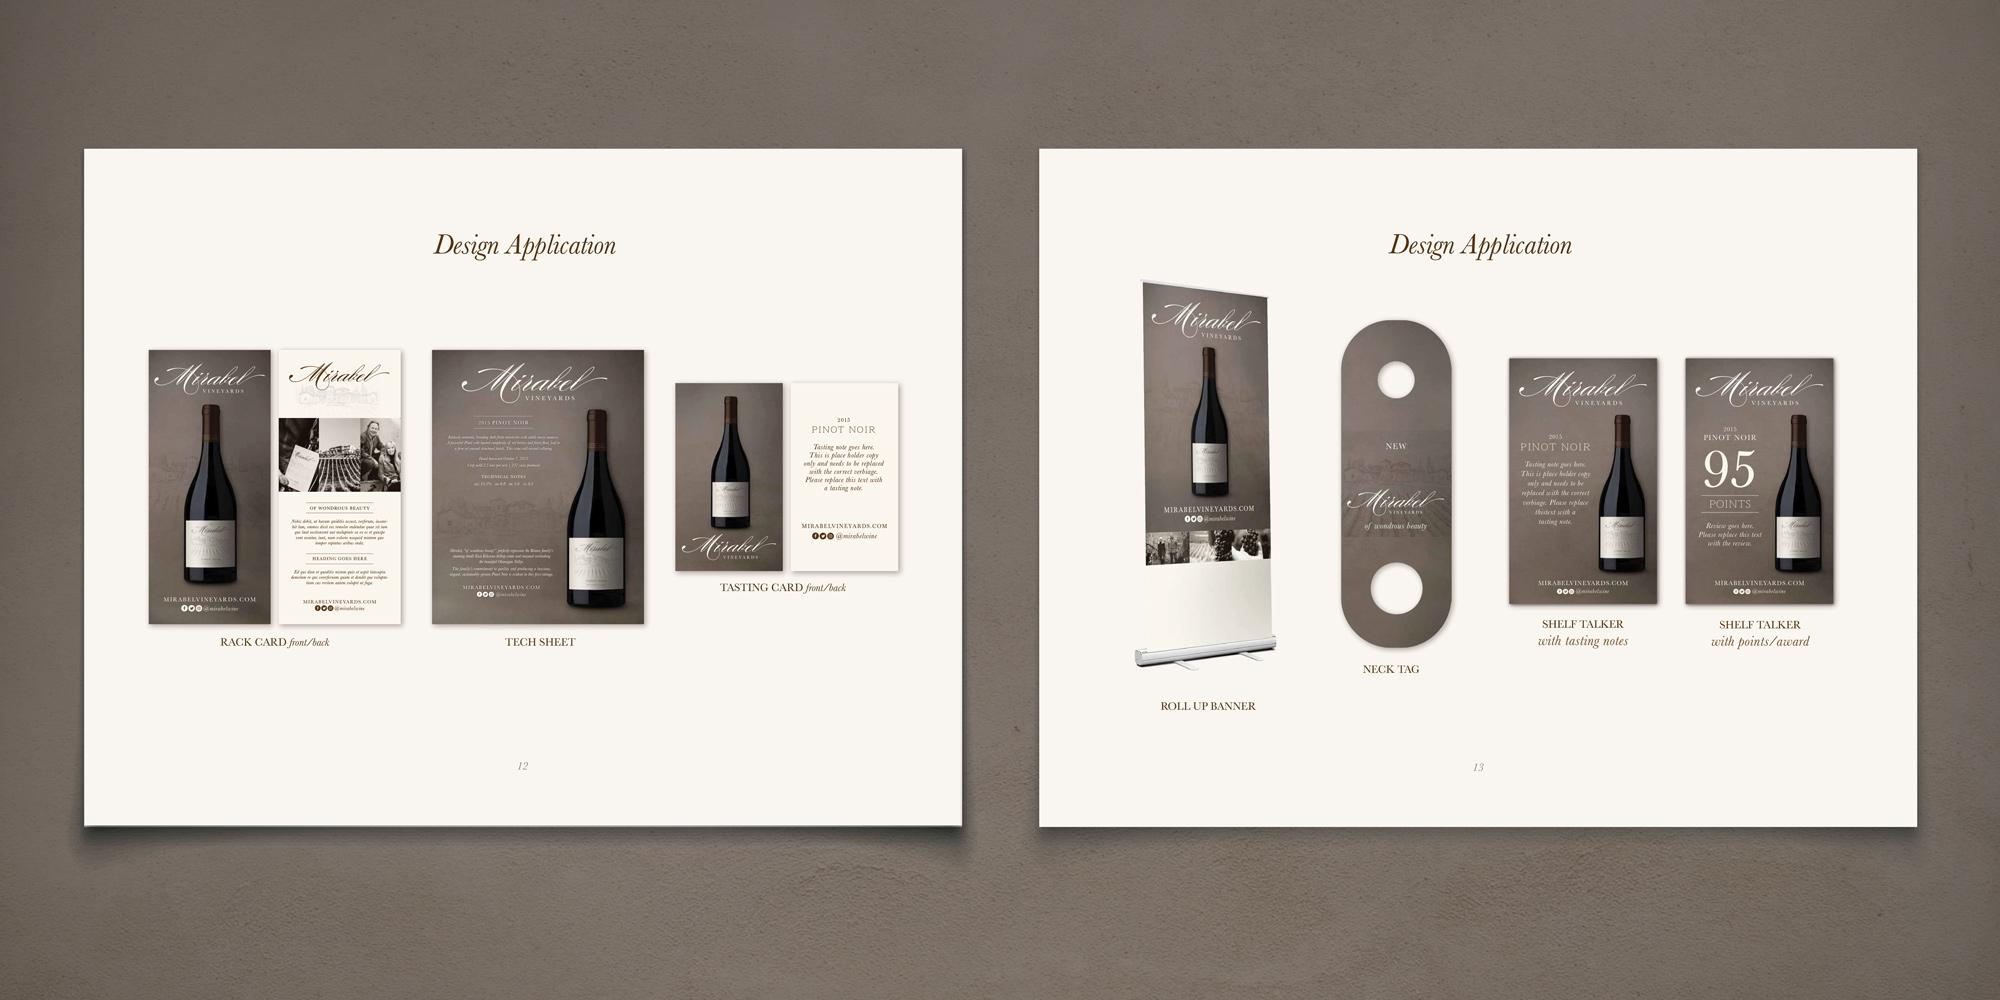 Mirabel Vineyards Branding - design applications